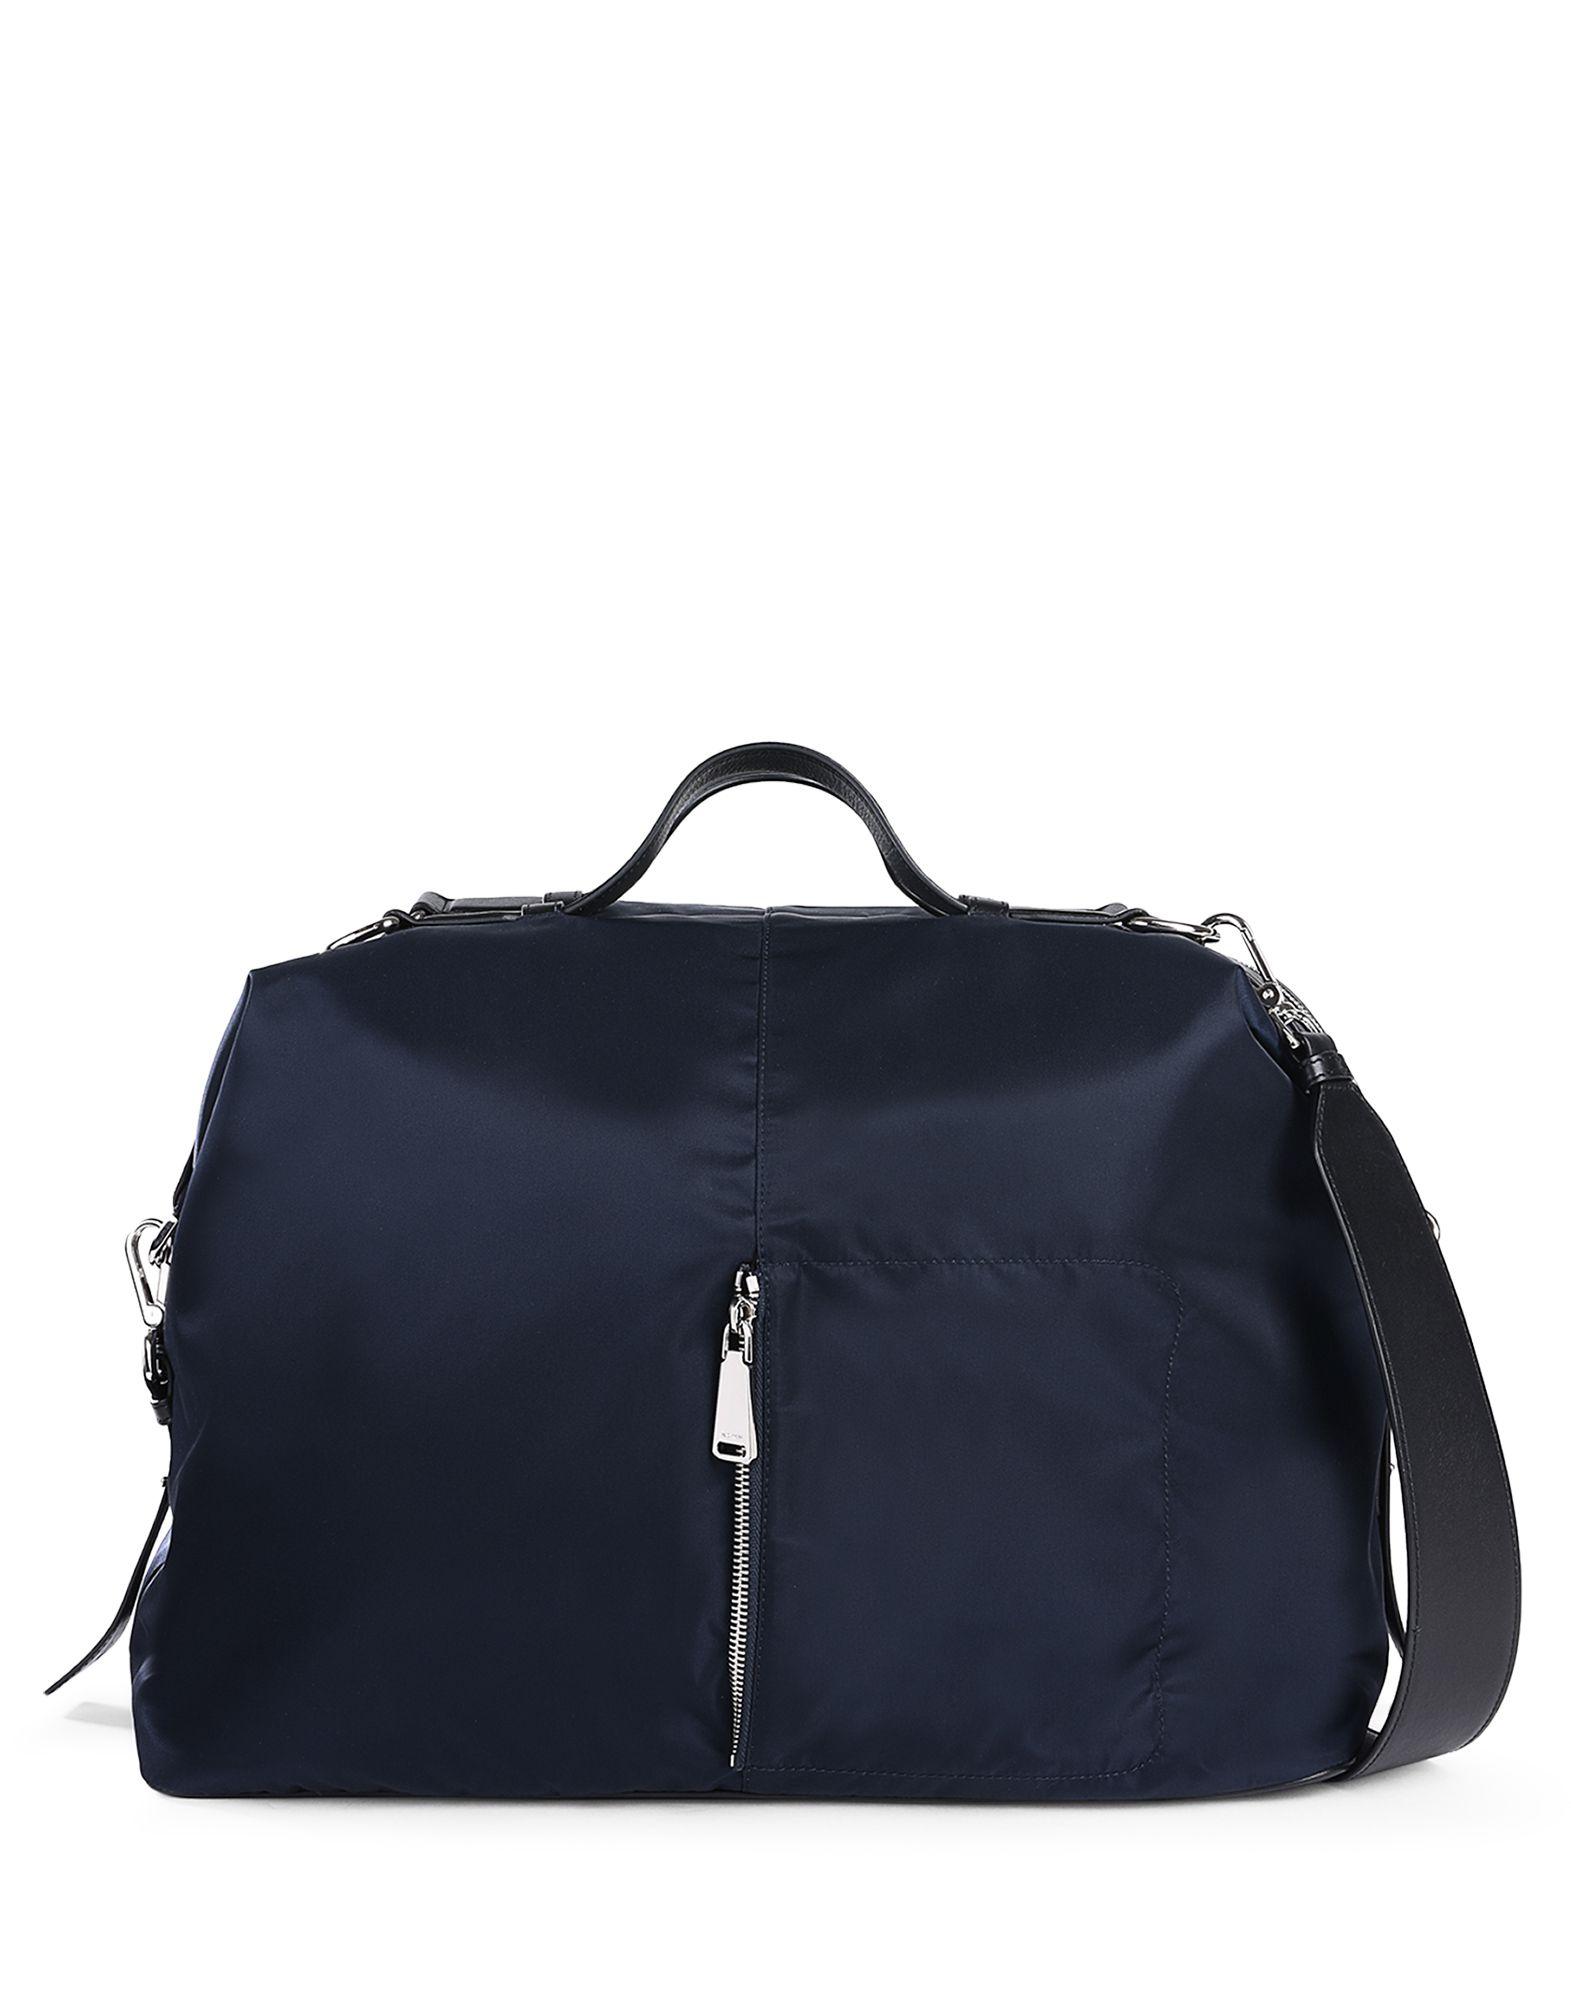 Luggage - JIL SANDER Online Store